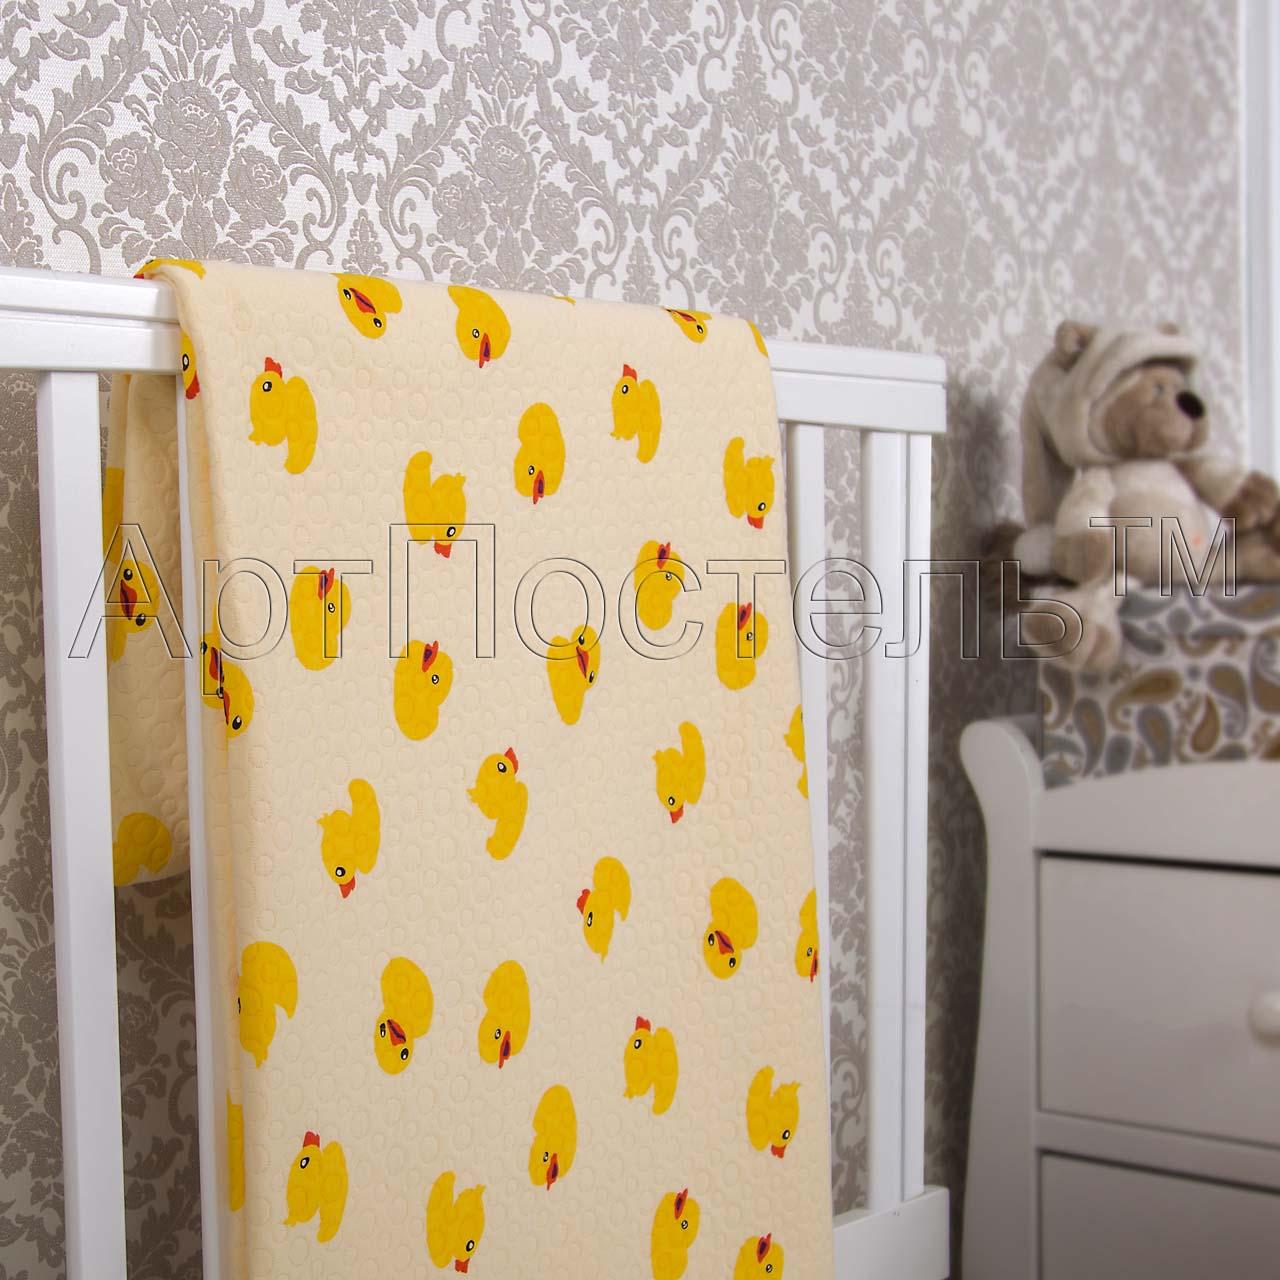 Покрывало  Утенок  р. 140х200 - Текстиль для дома артикул: 33975